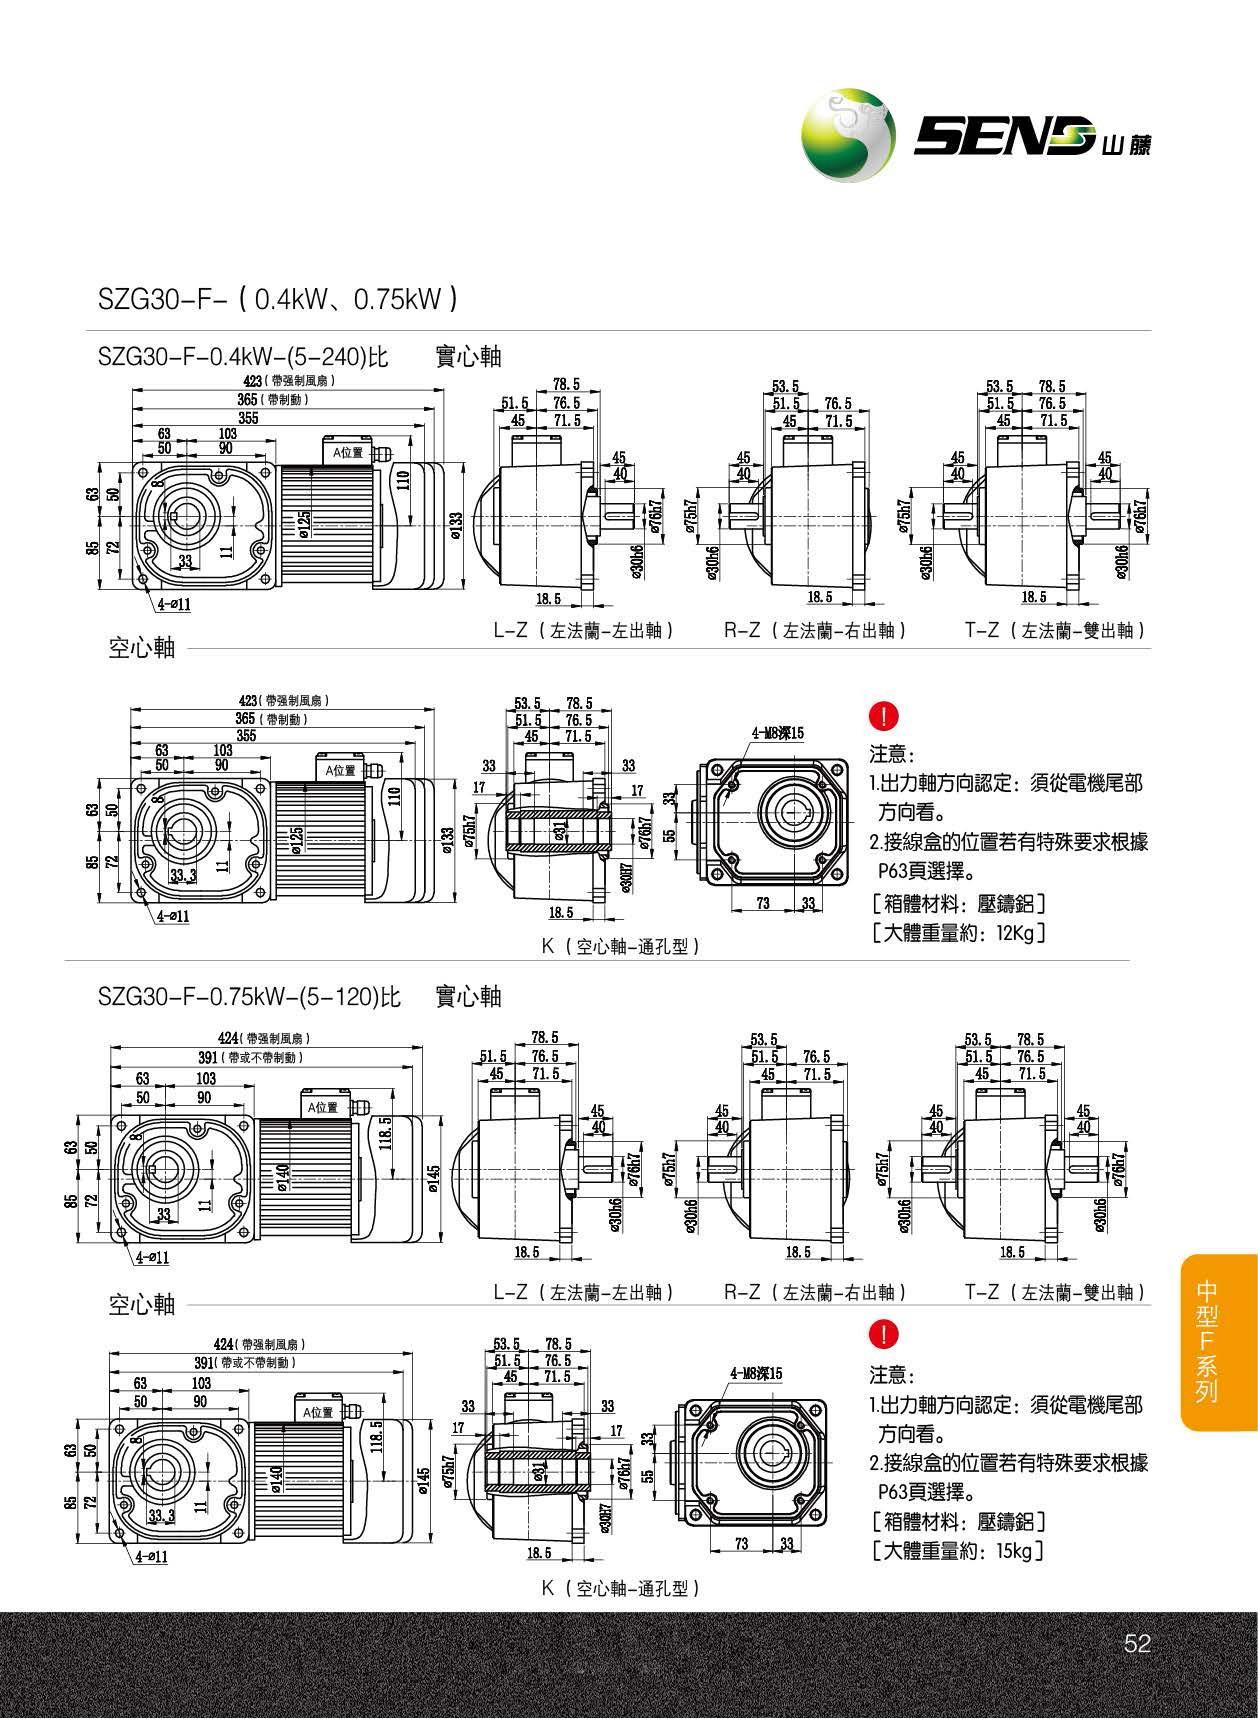 SZG30-F-0.4KW.jpg